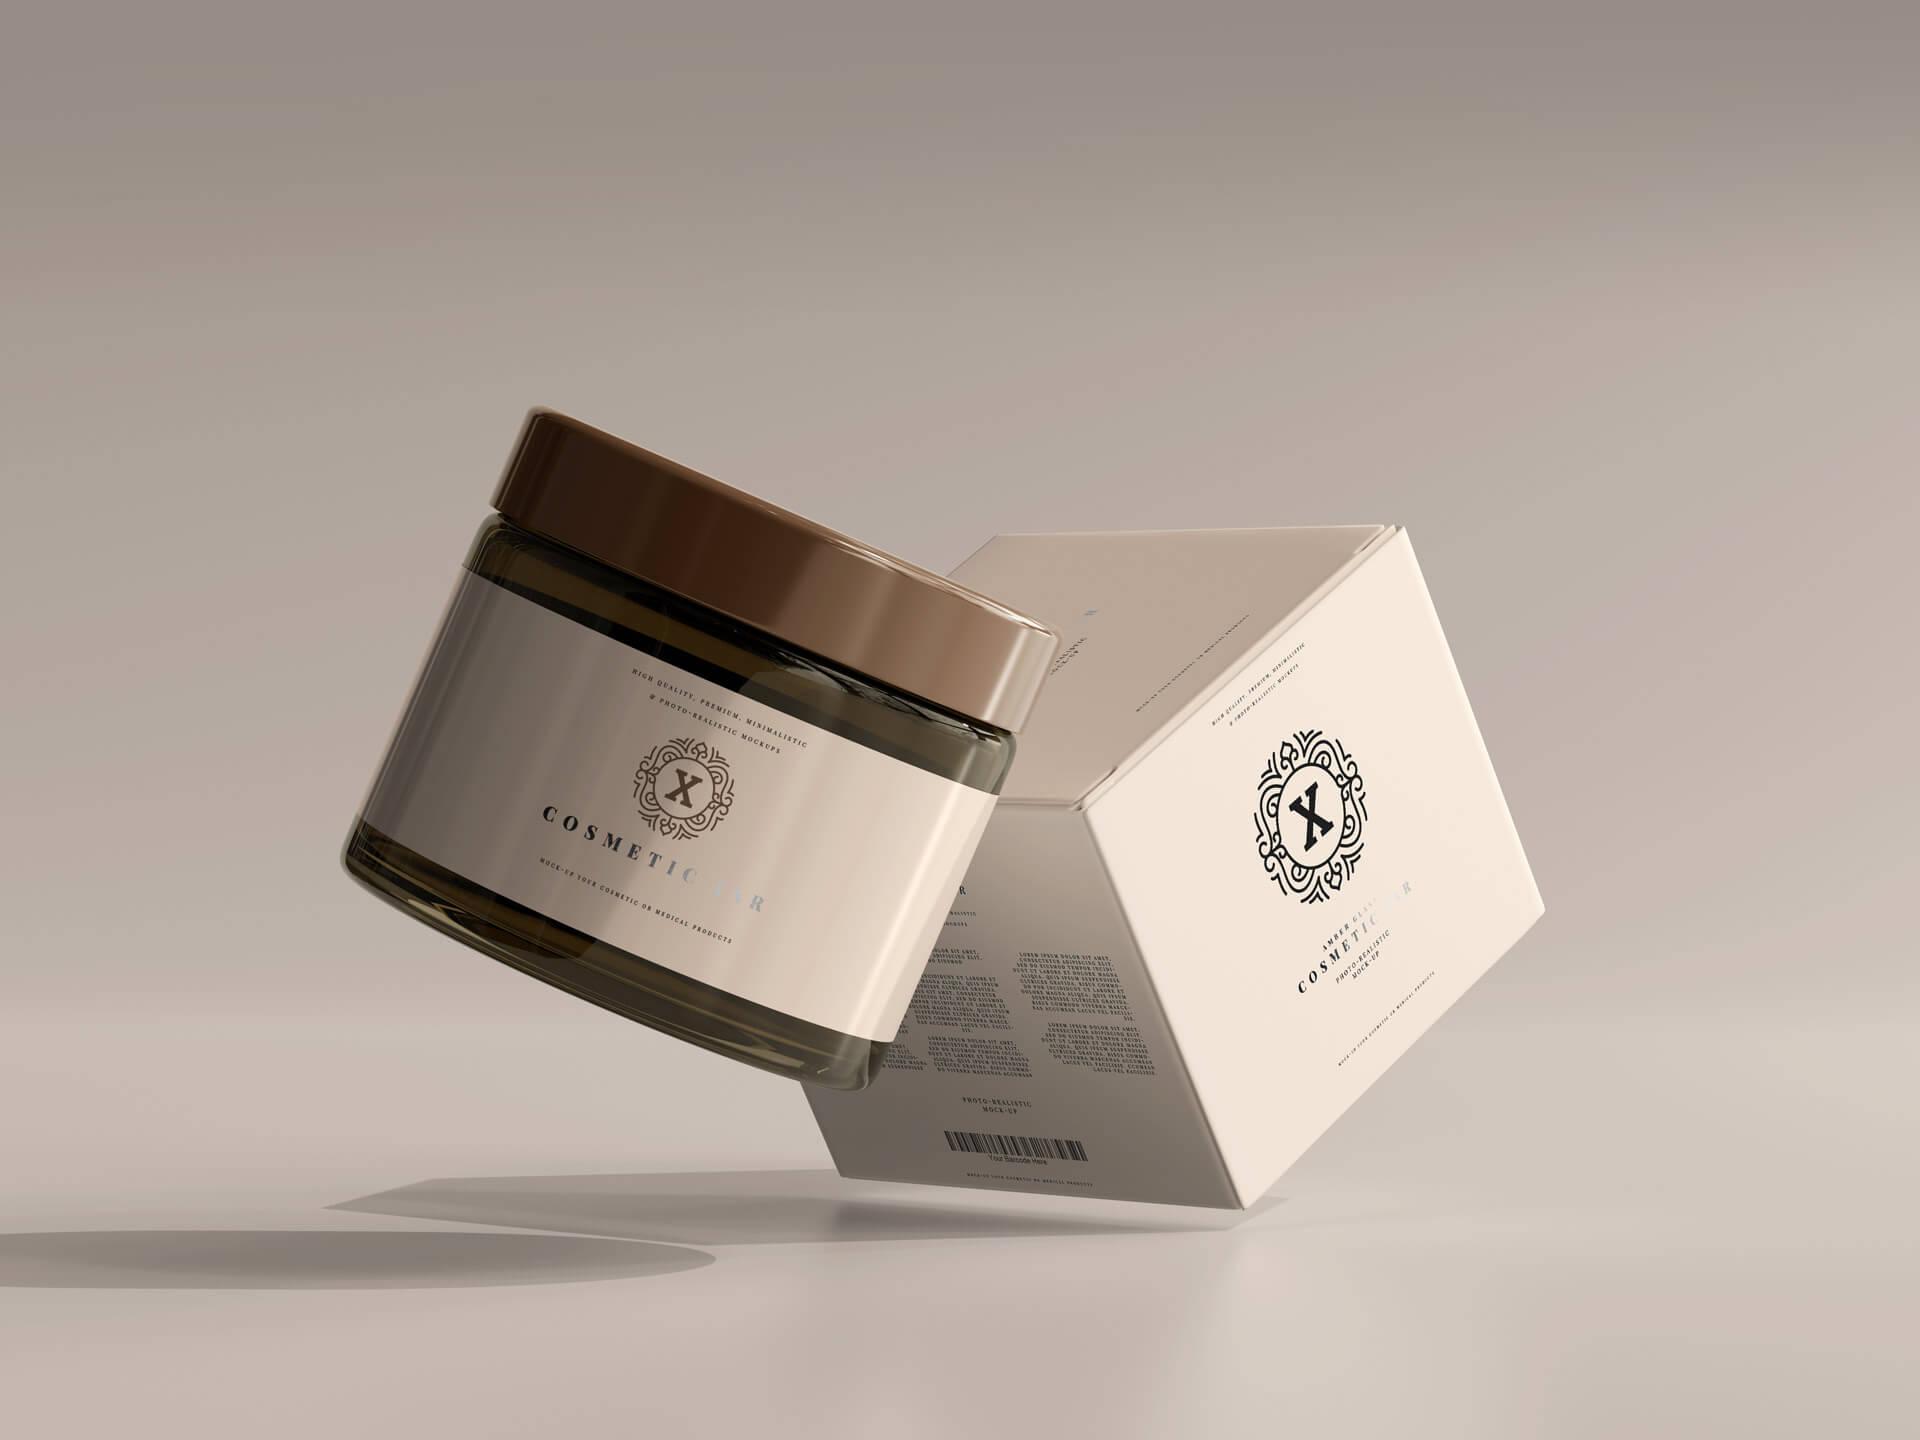 scatole e etichette adesive per cosmetica